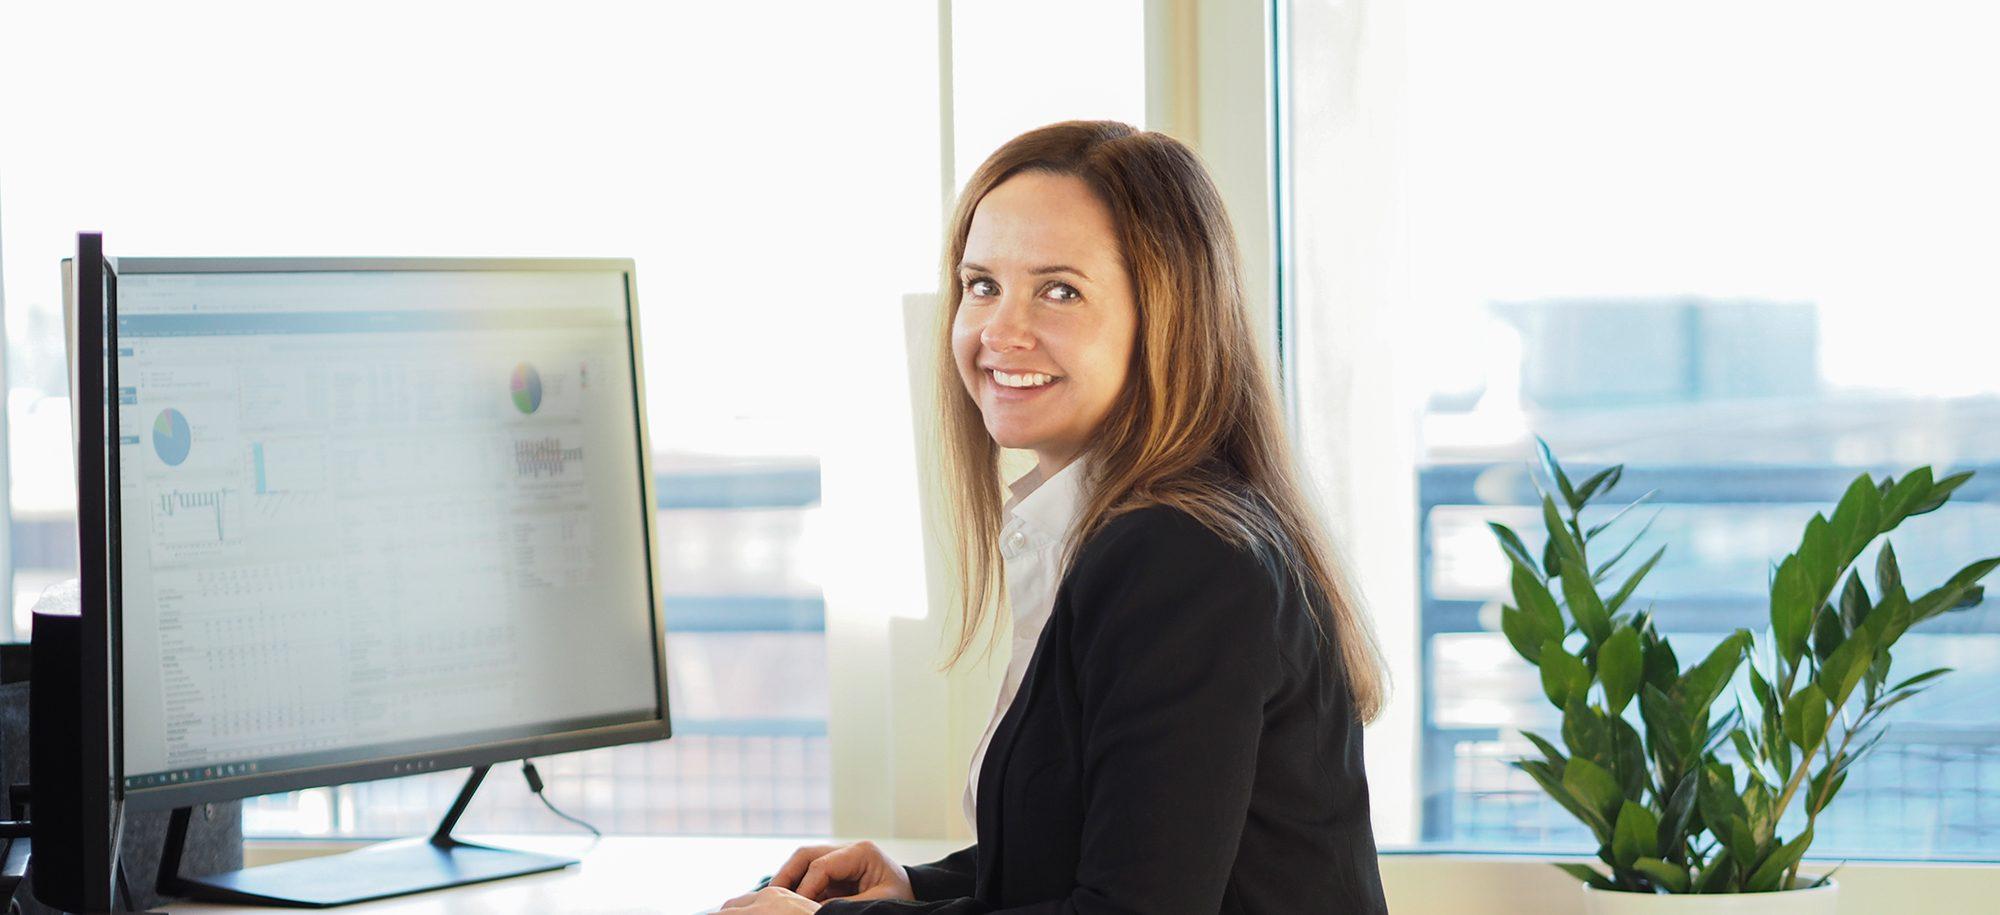 Smilende kvinnelig Functional Expert ved datamaskin ser mot kamera